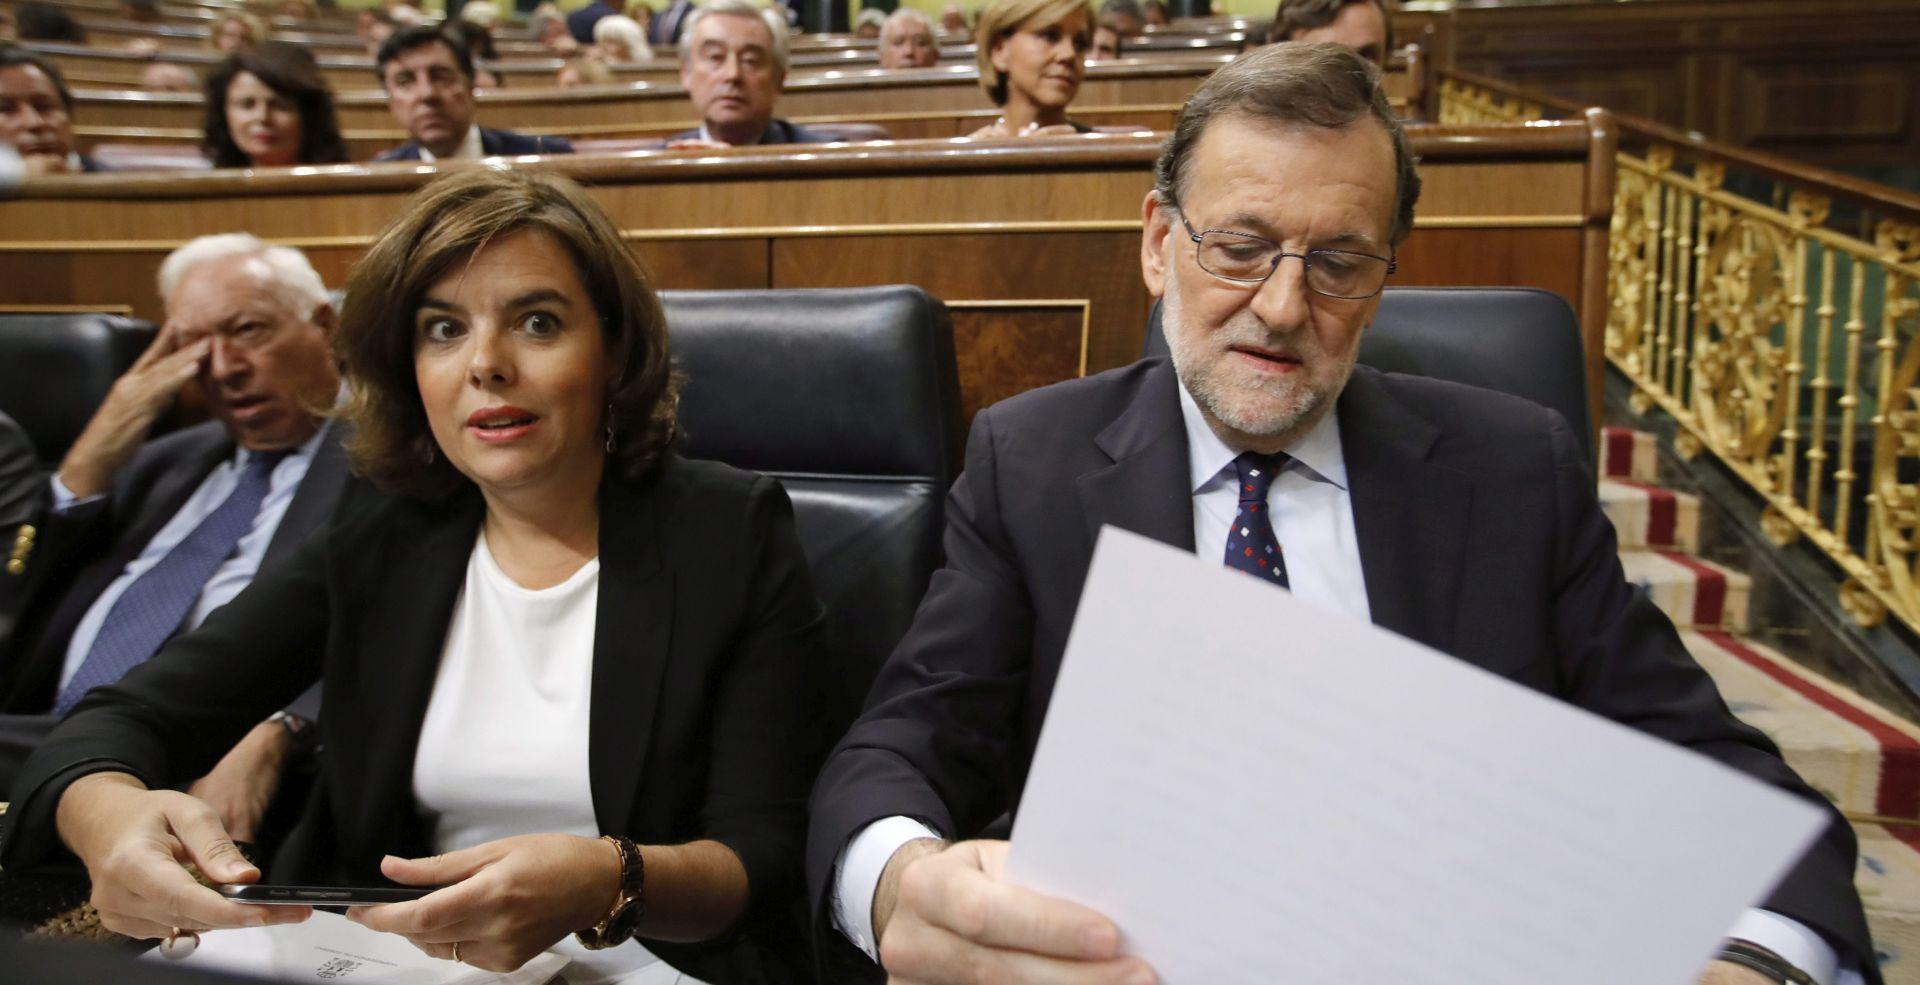 Rajoy drugi put nije dobio povjerenje parlamenta